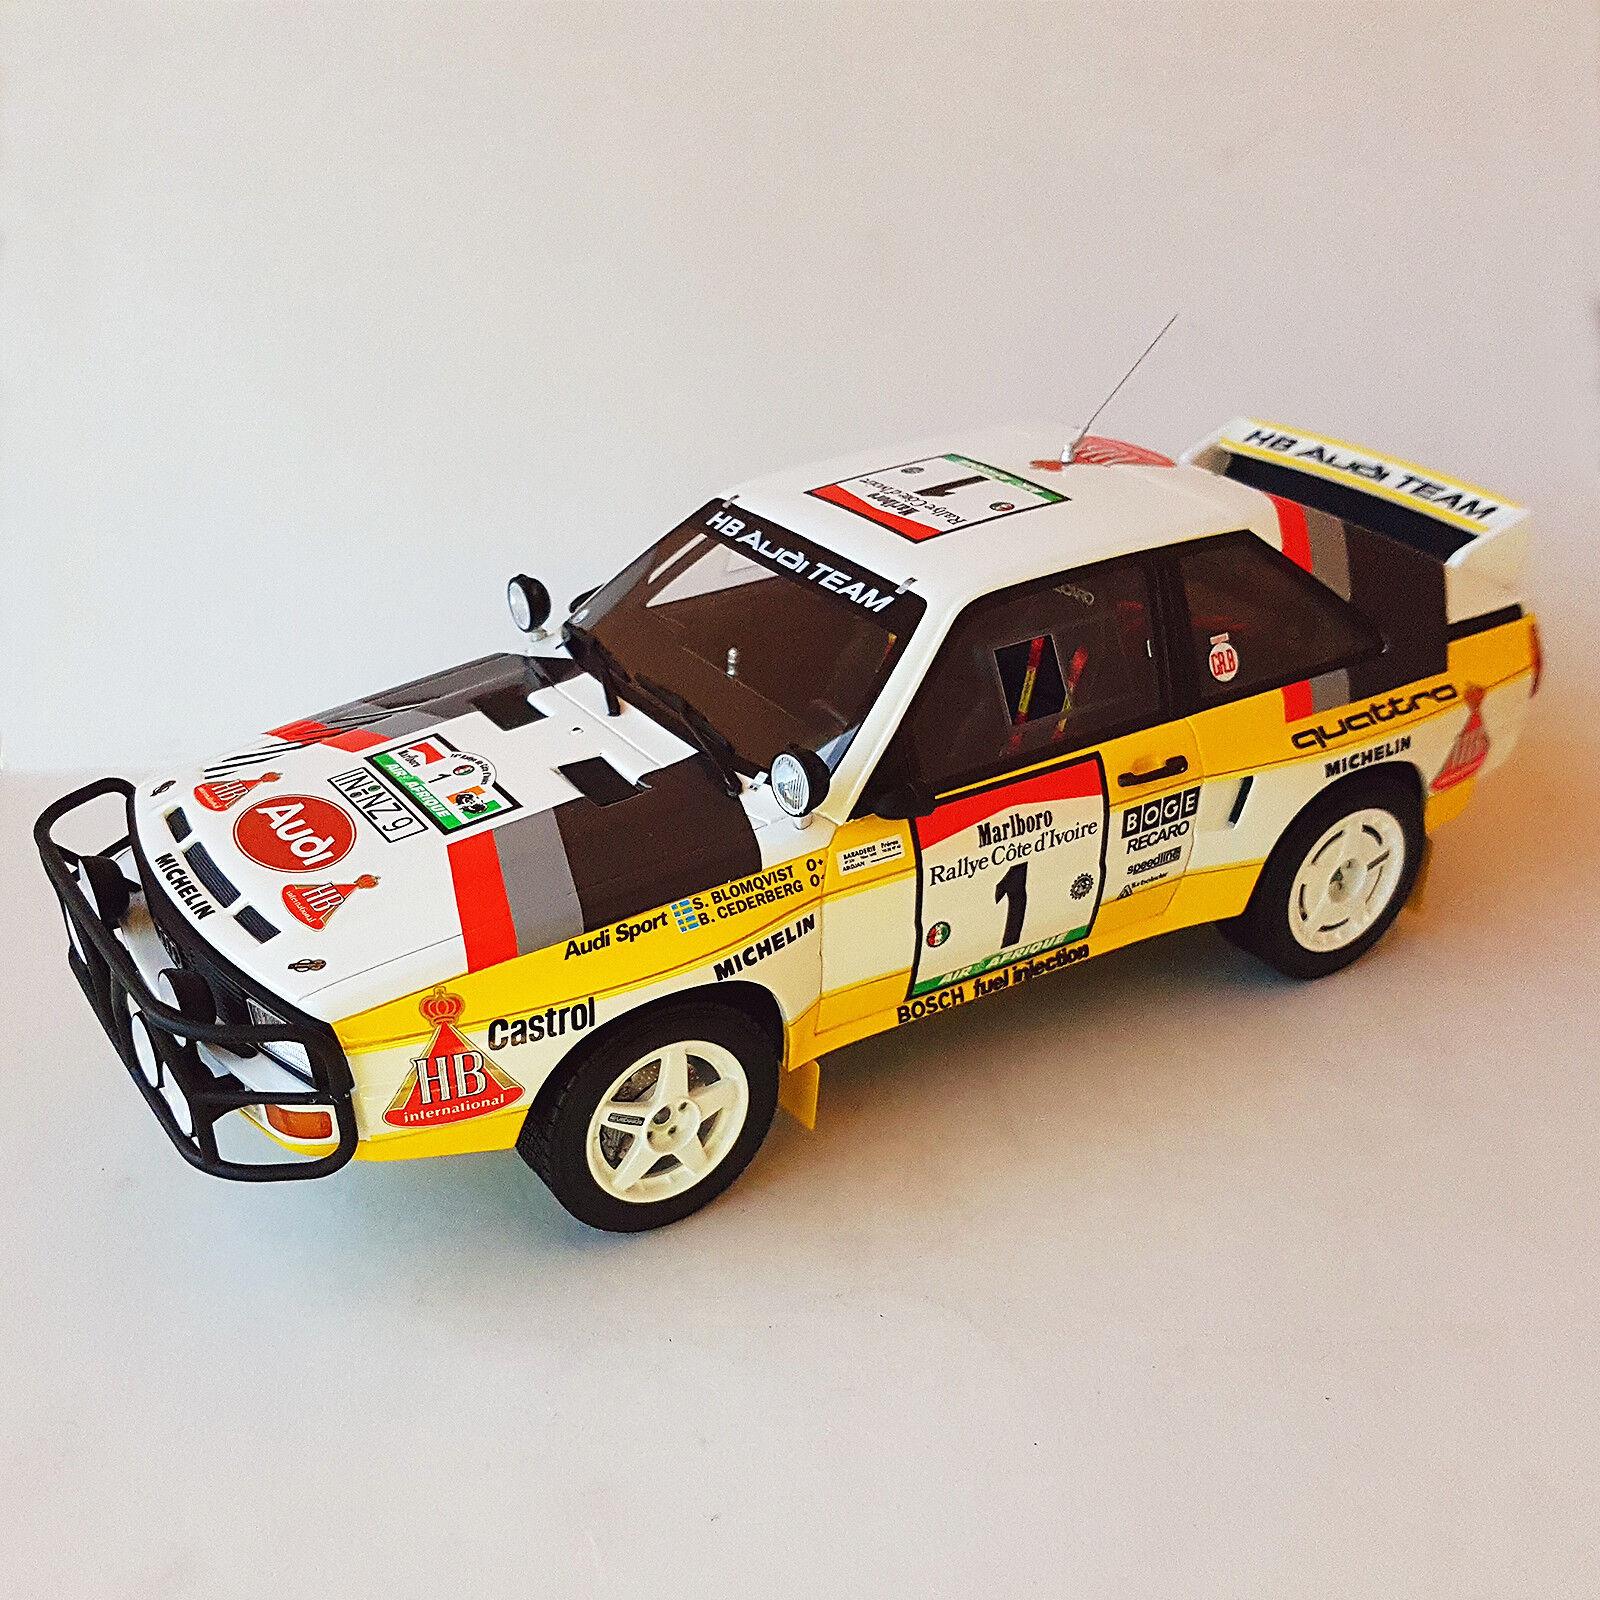 OTTO-MOBILE,i Sport Quattro, Blomqvist-Cederberg, Côte d'Ivoire'84, 1 18